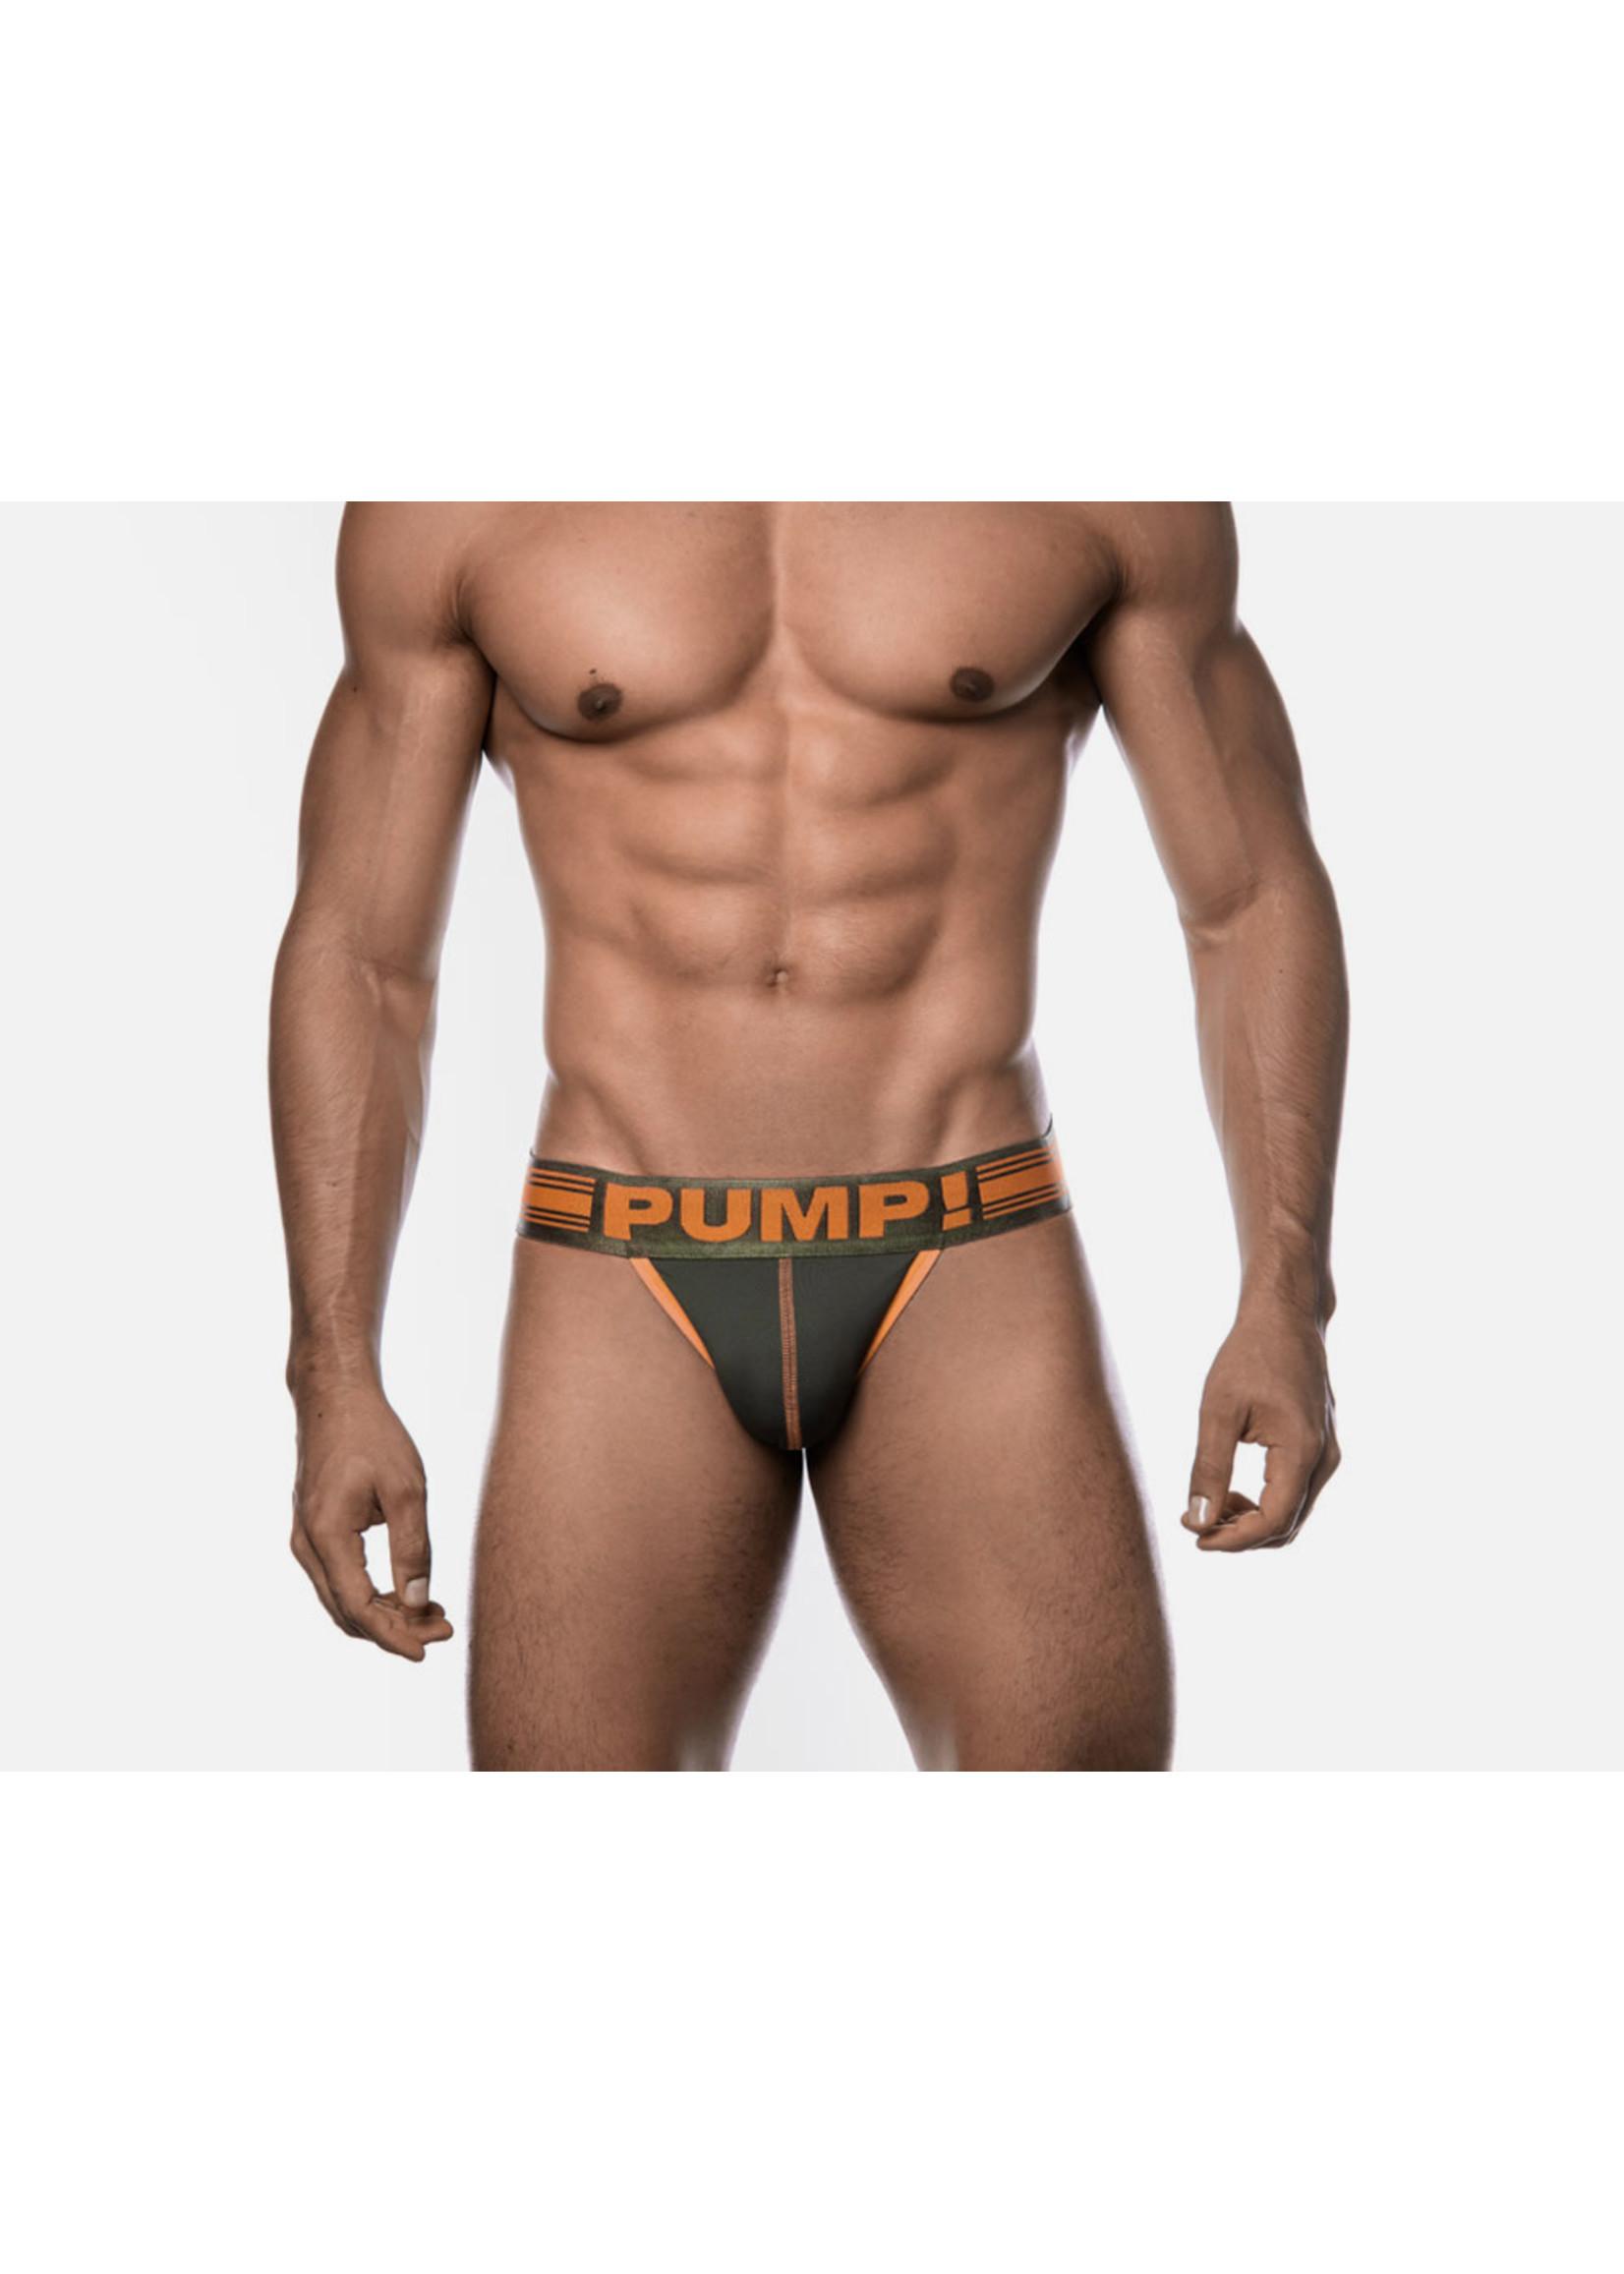 Pump Pump Squad Jock